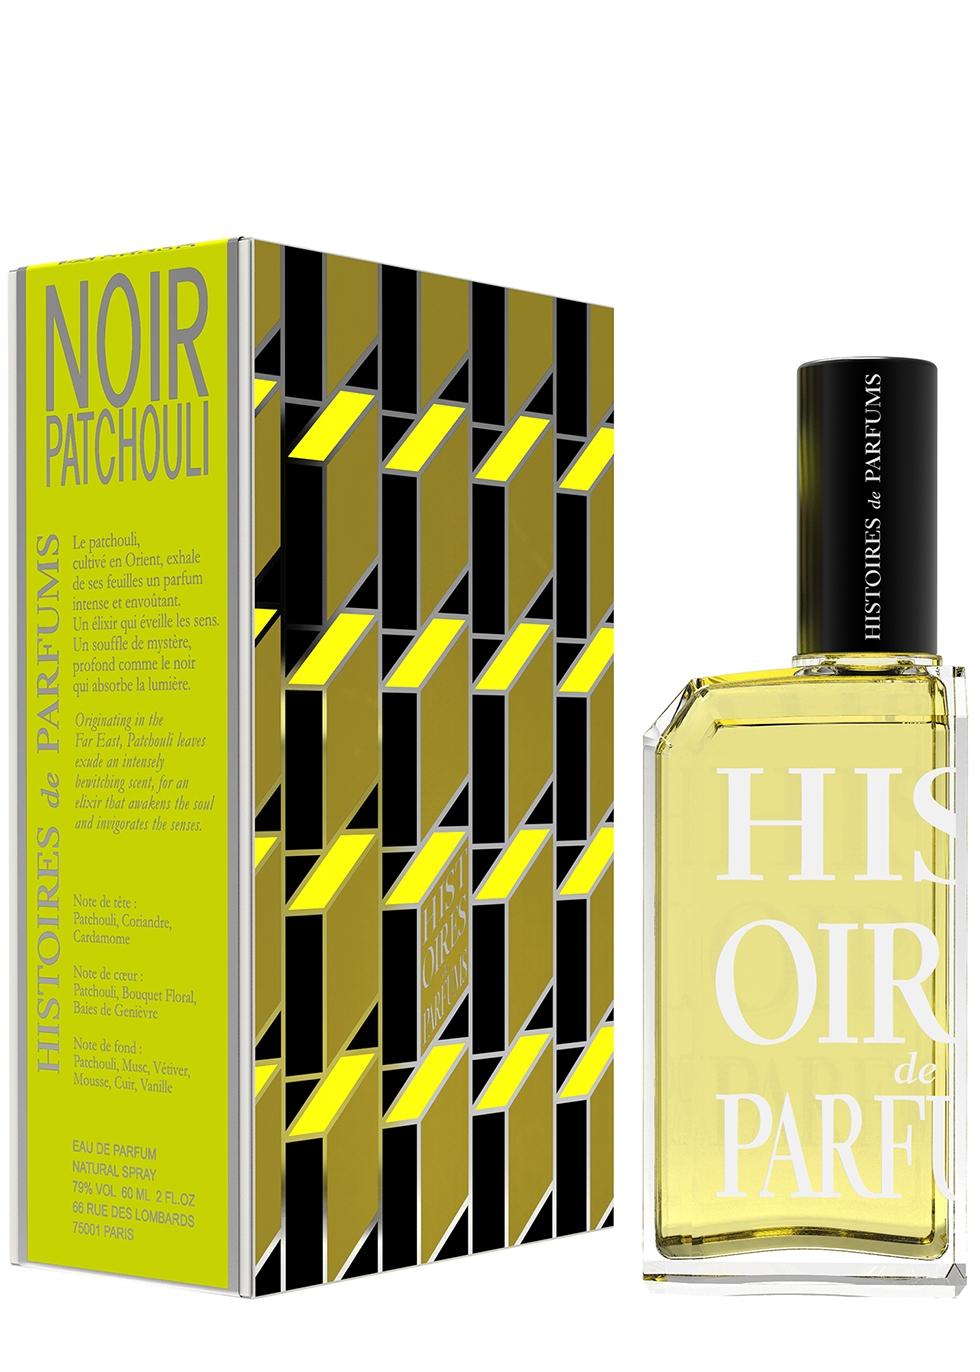 Noir Patchouli Eau De Parfum 60ml